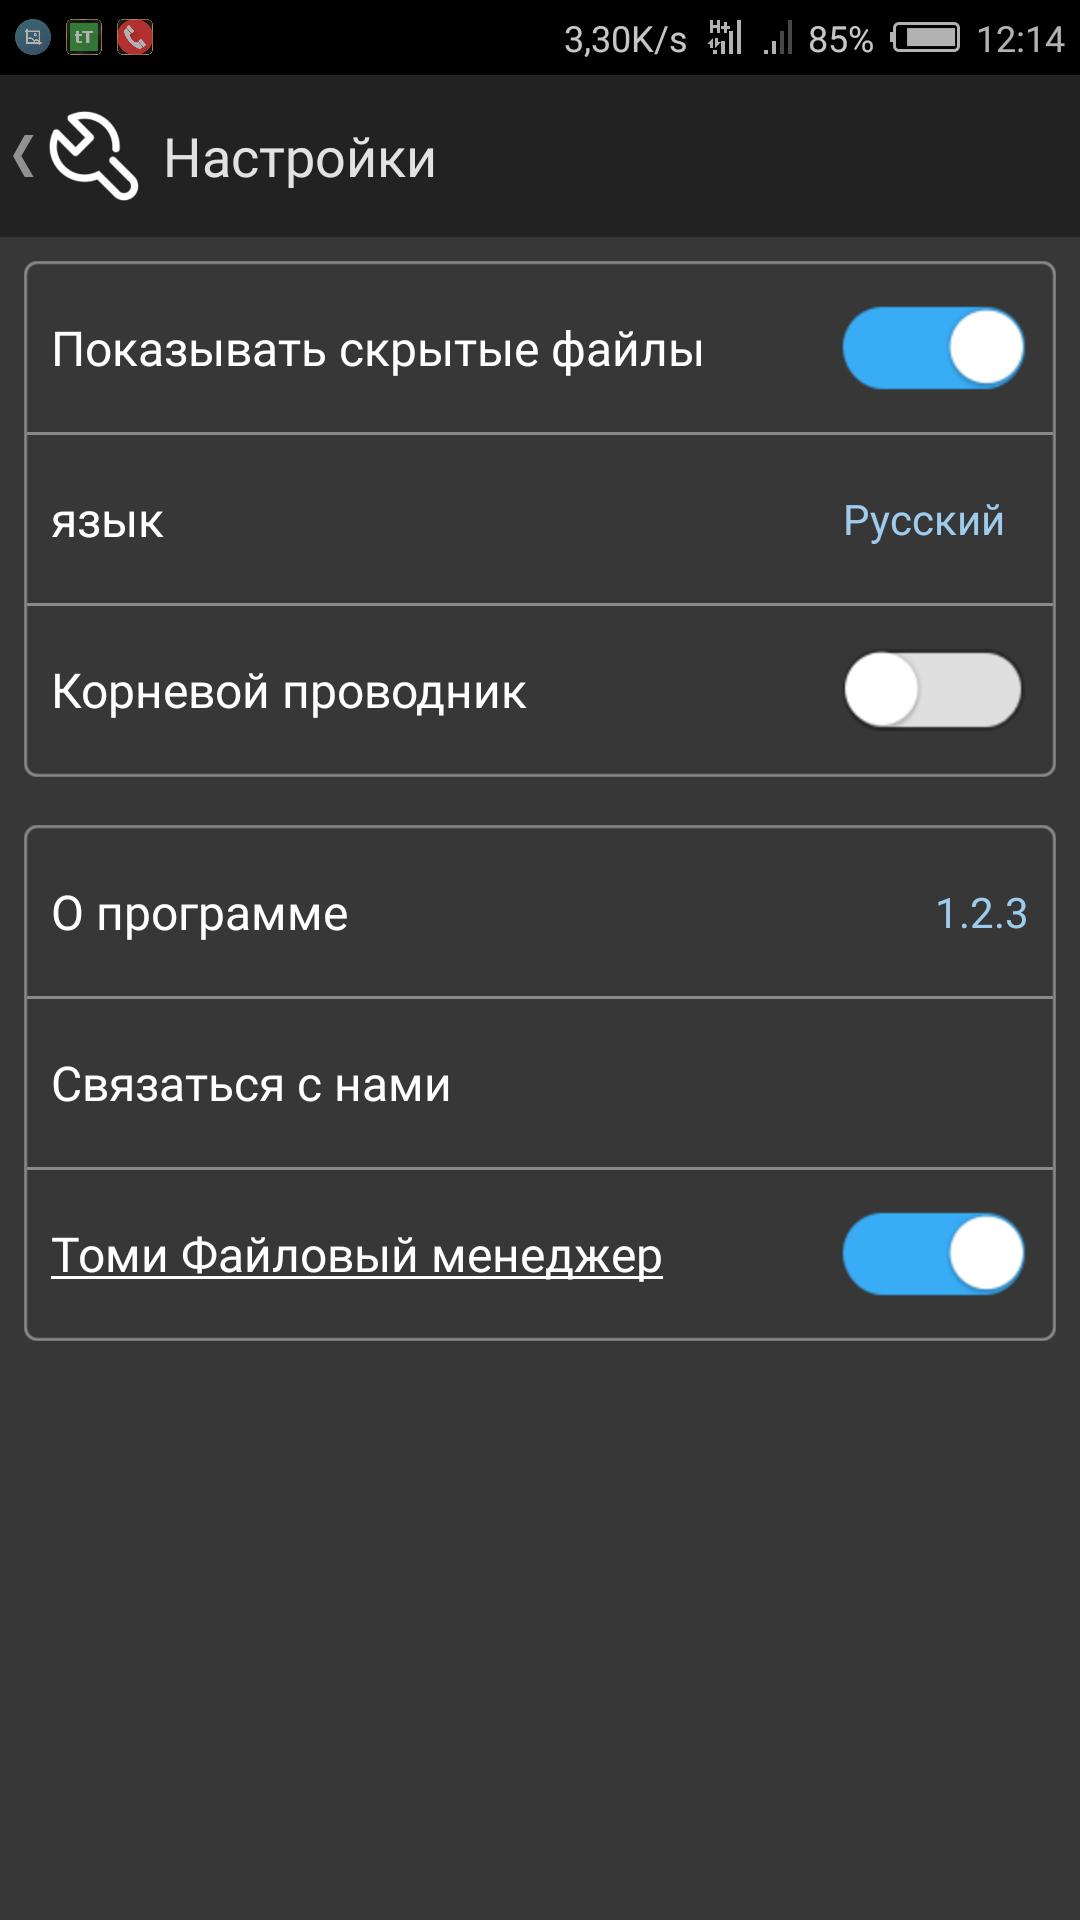 Скачать tomi file manager 2. 3. 4 для android.